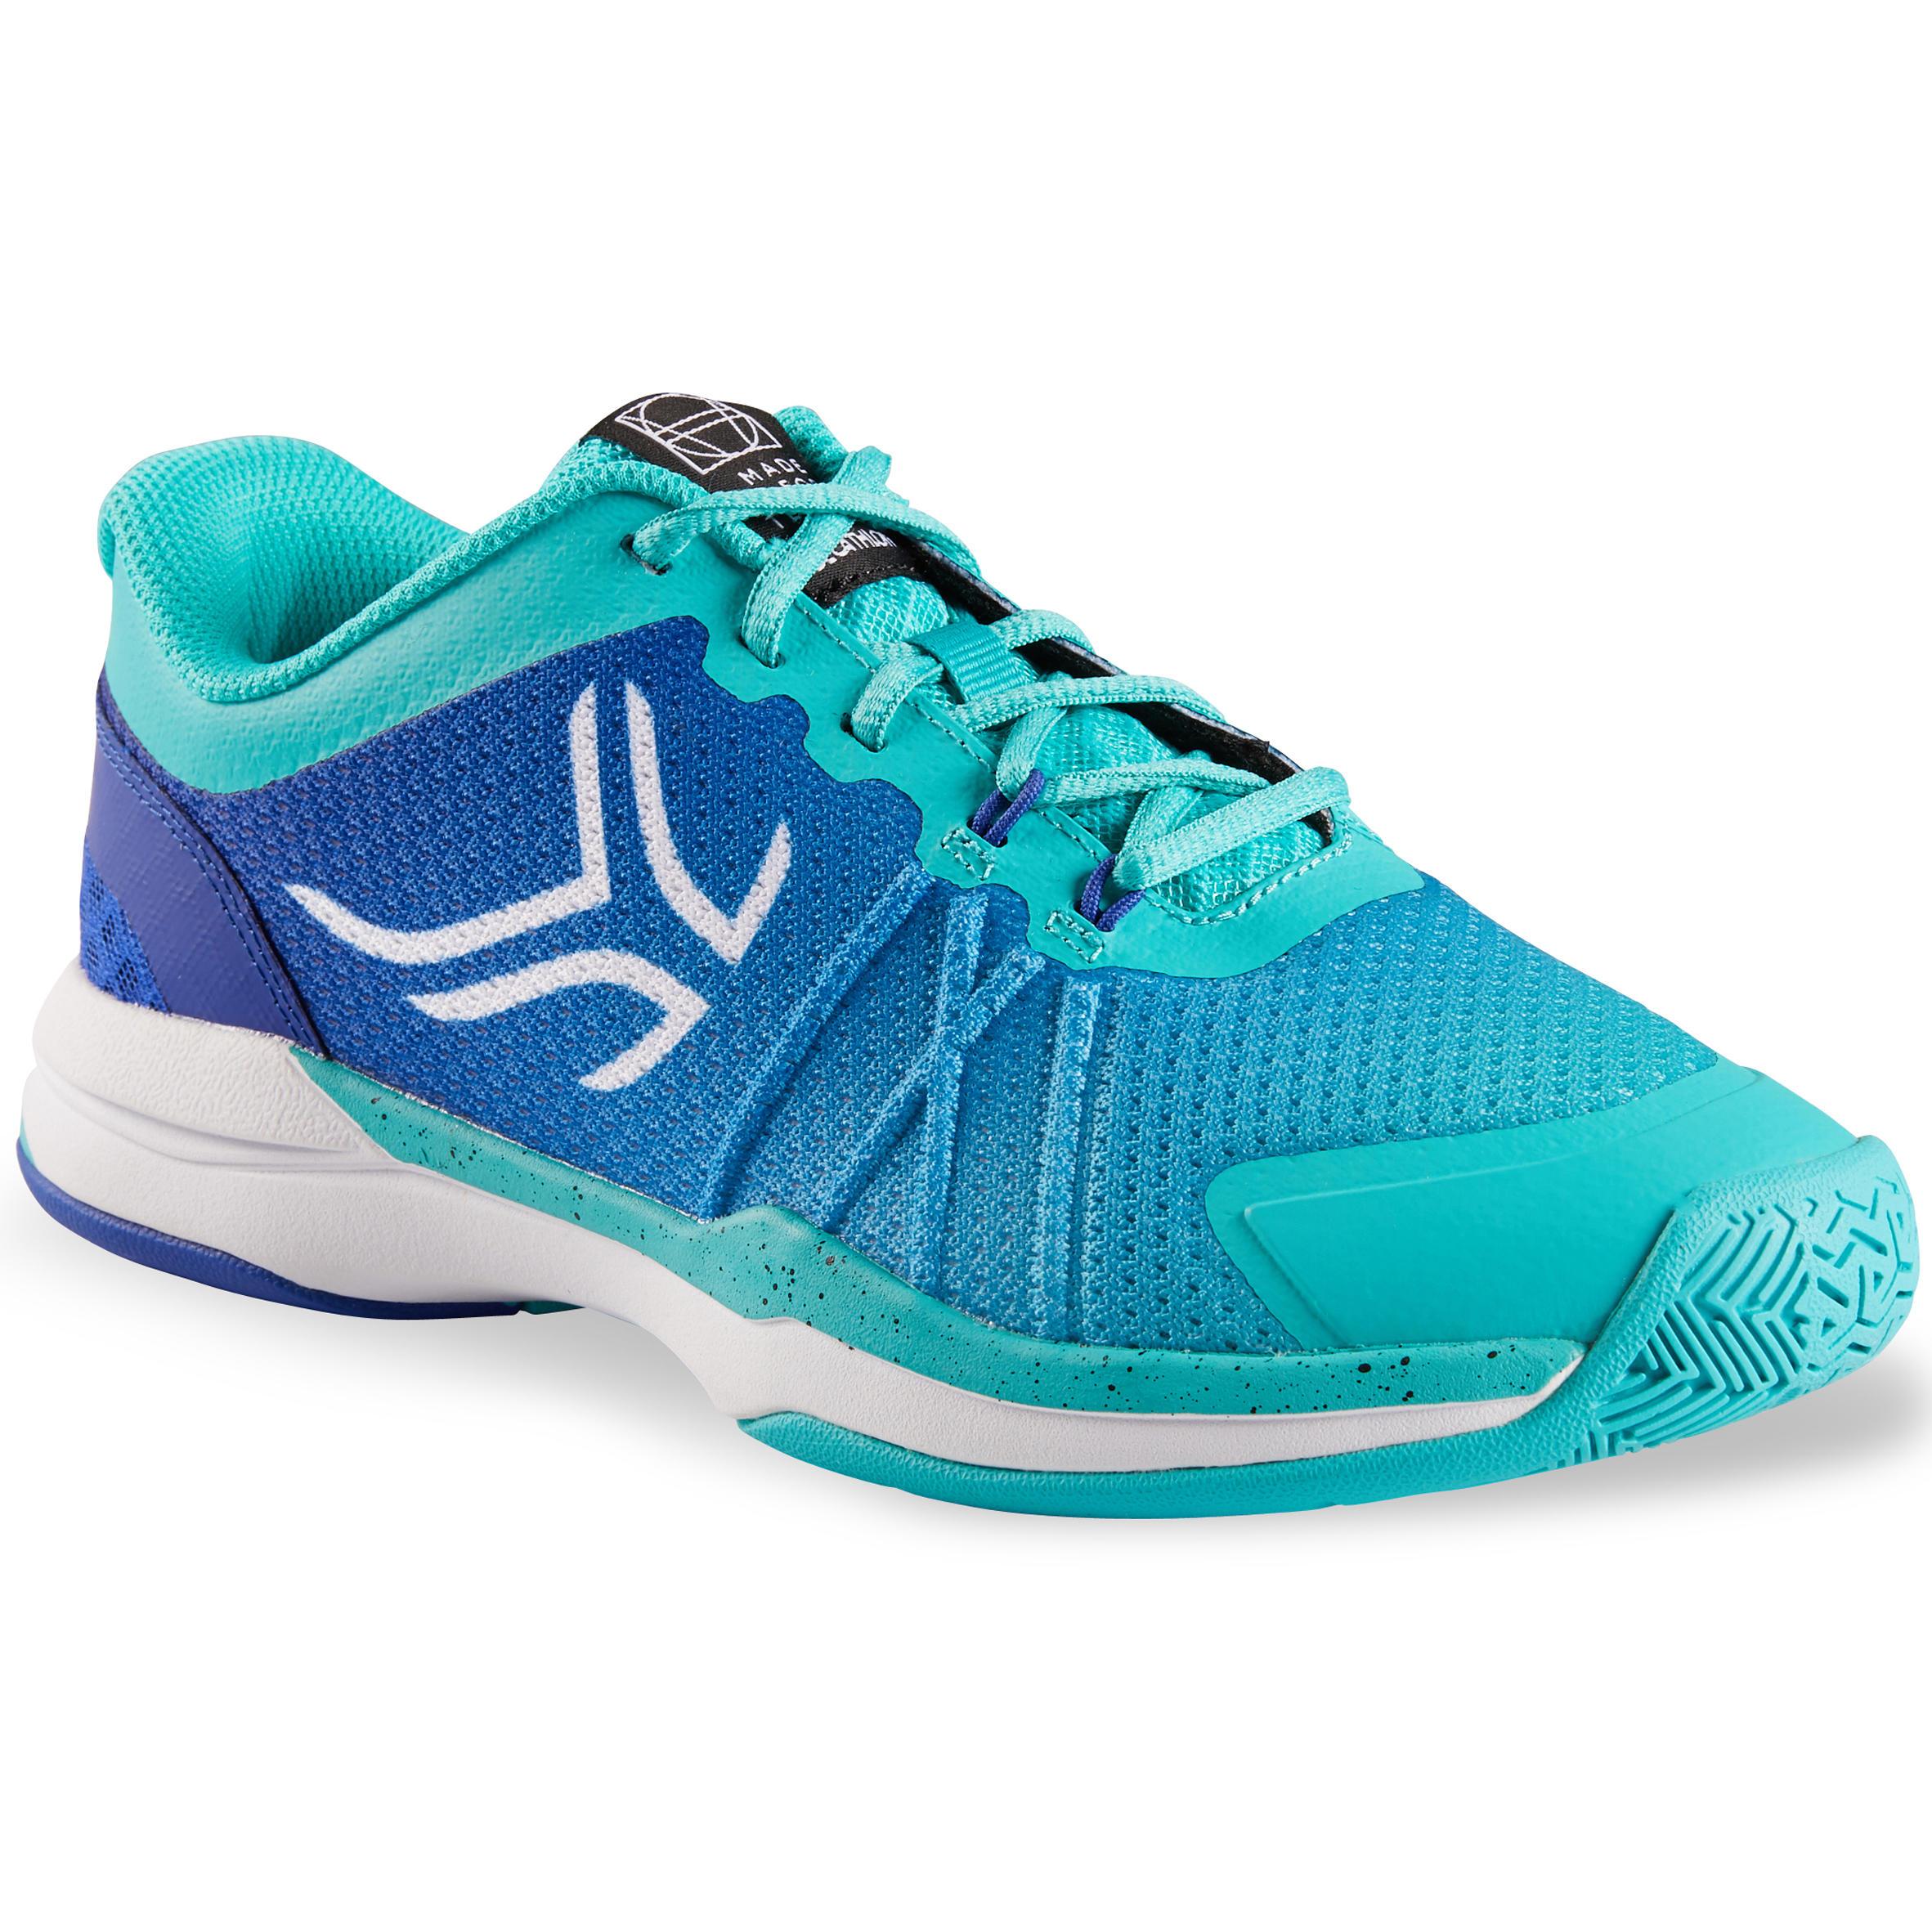 Tennisschuhe TS 590 Damen türkis | Schuhe > Sportschuhe > Tennisschuhe | Grün - Türkis - Blau | Artengo